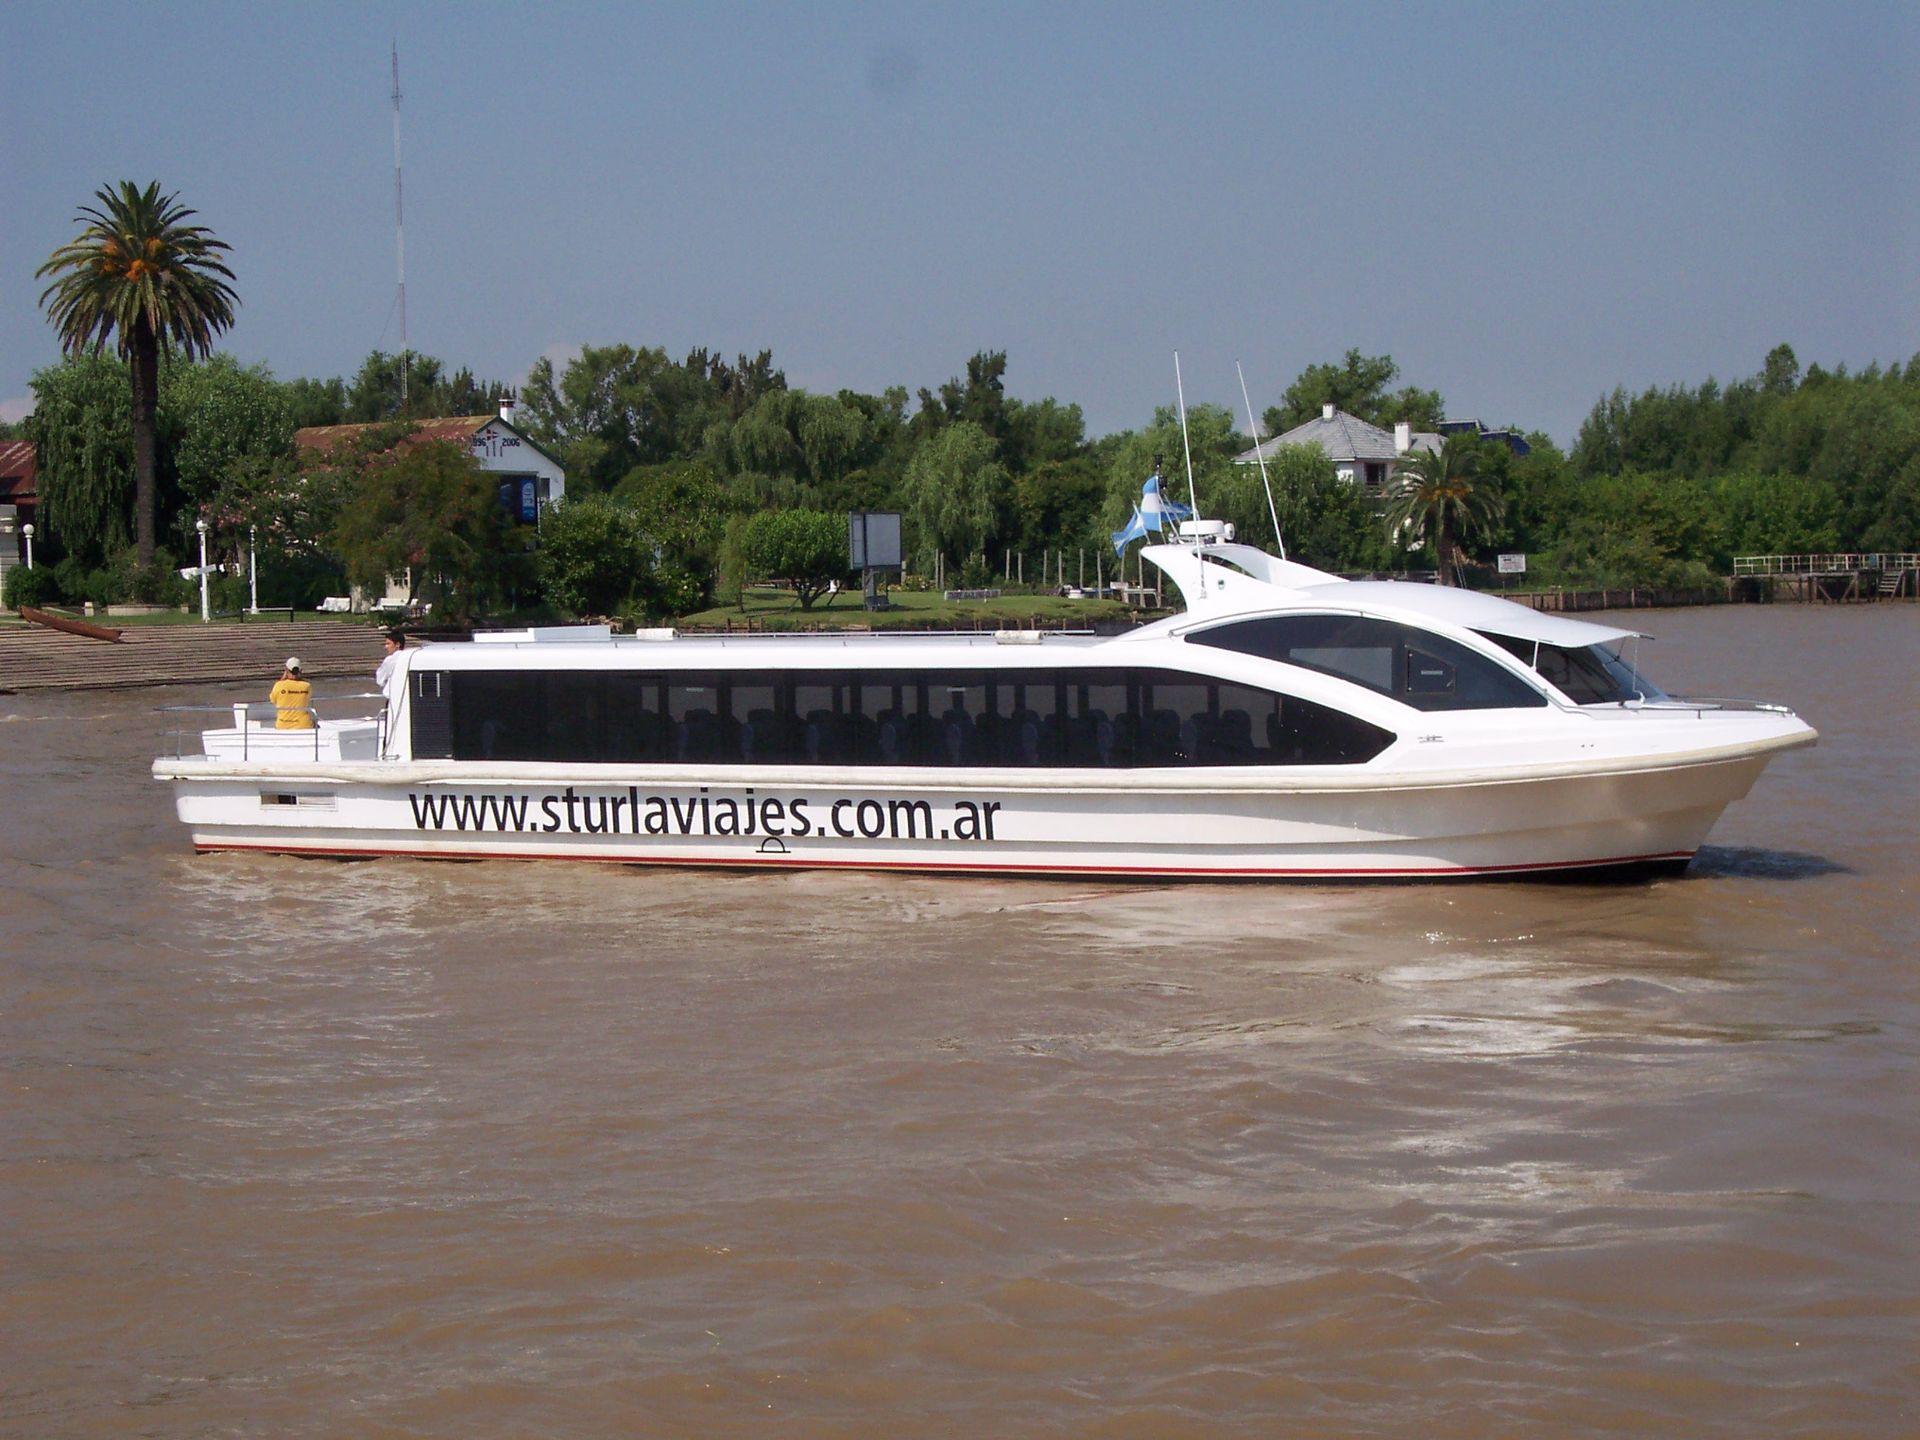 Water Taxi Wikipedia